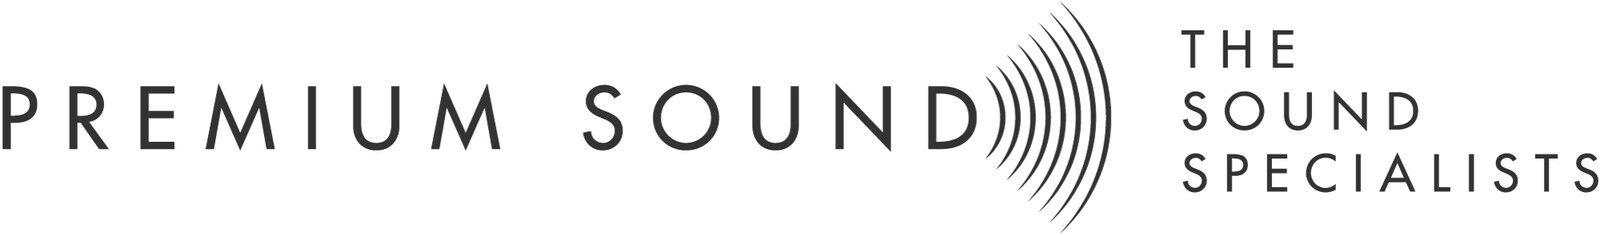 premium-sound